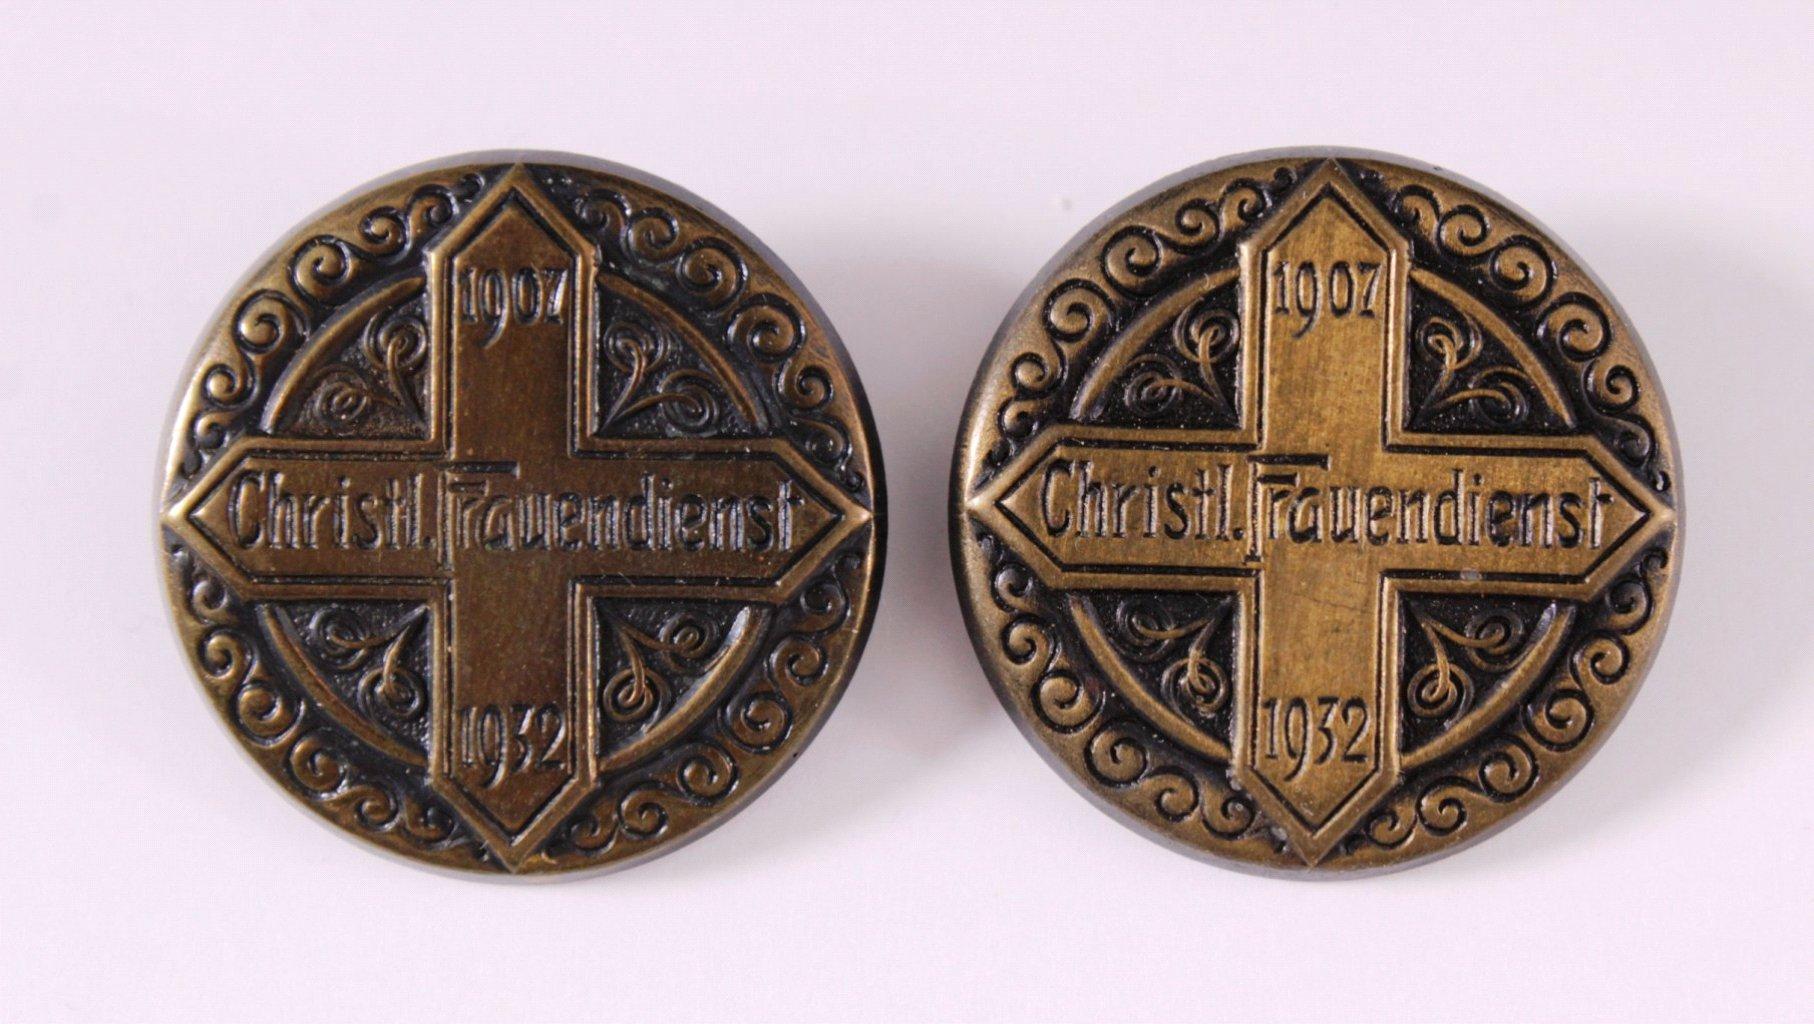 2 Abzeichen 25 Jahre Christlicher Frauendienst 1932